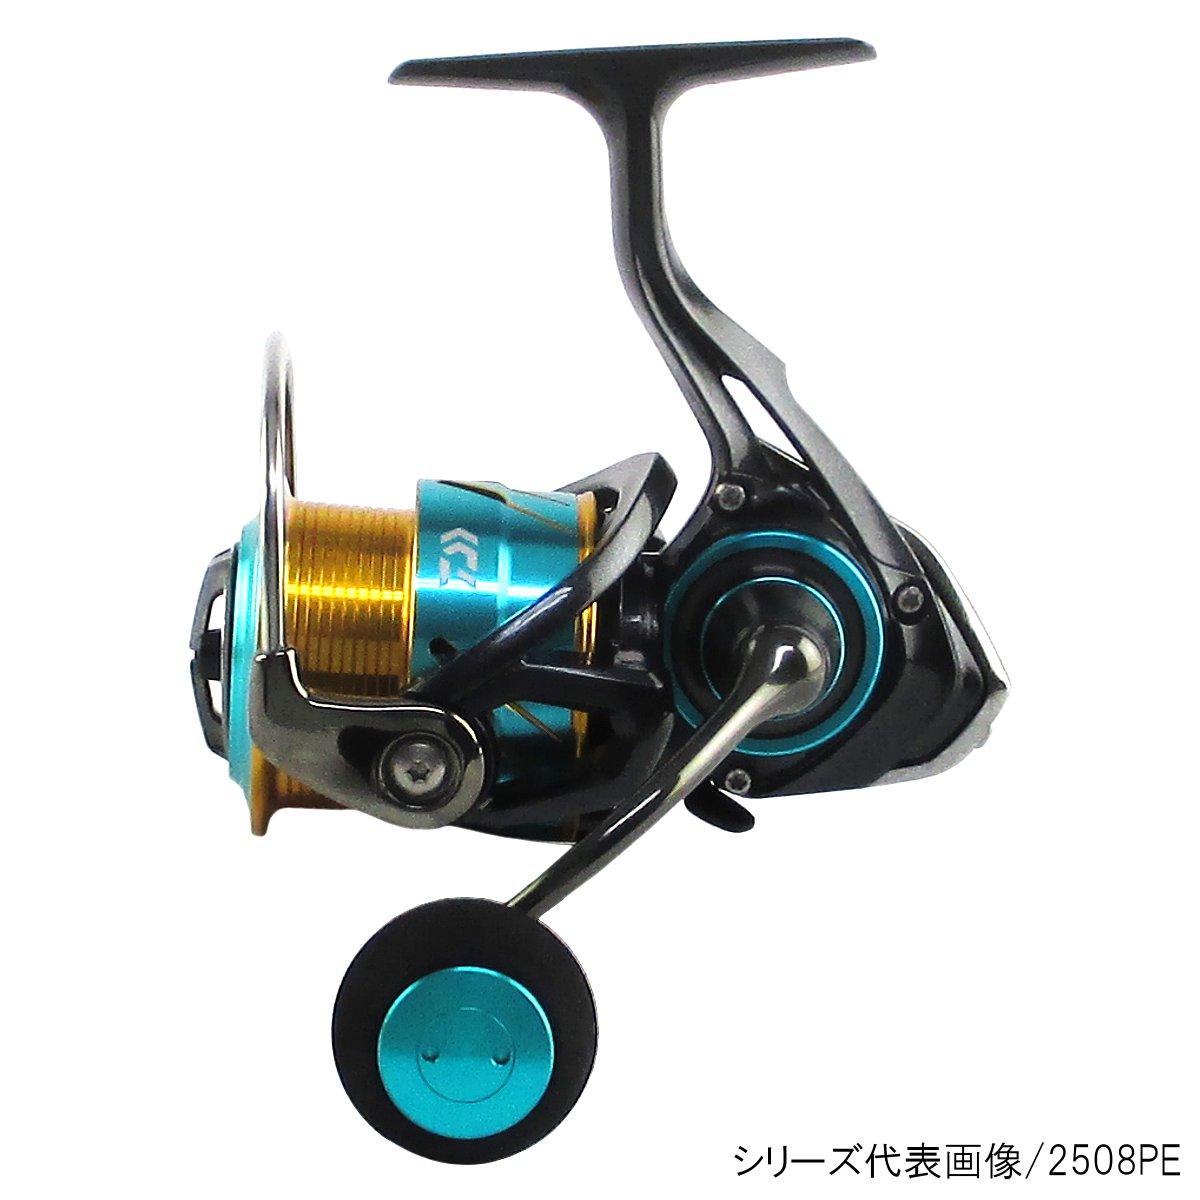 ダイワ エメラルダス MX 2508PE-H(東日本店)